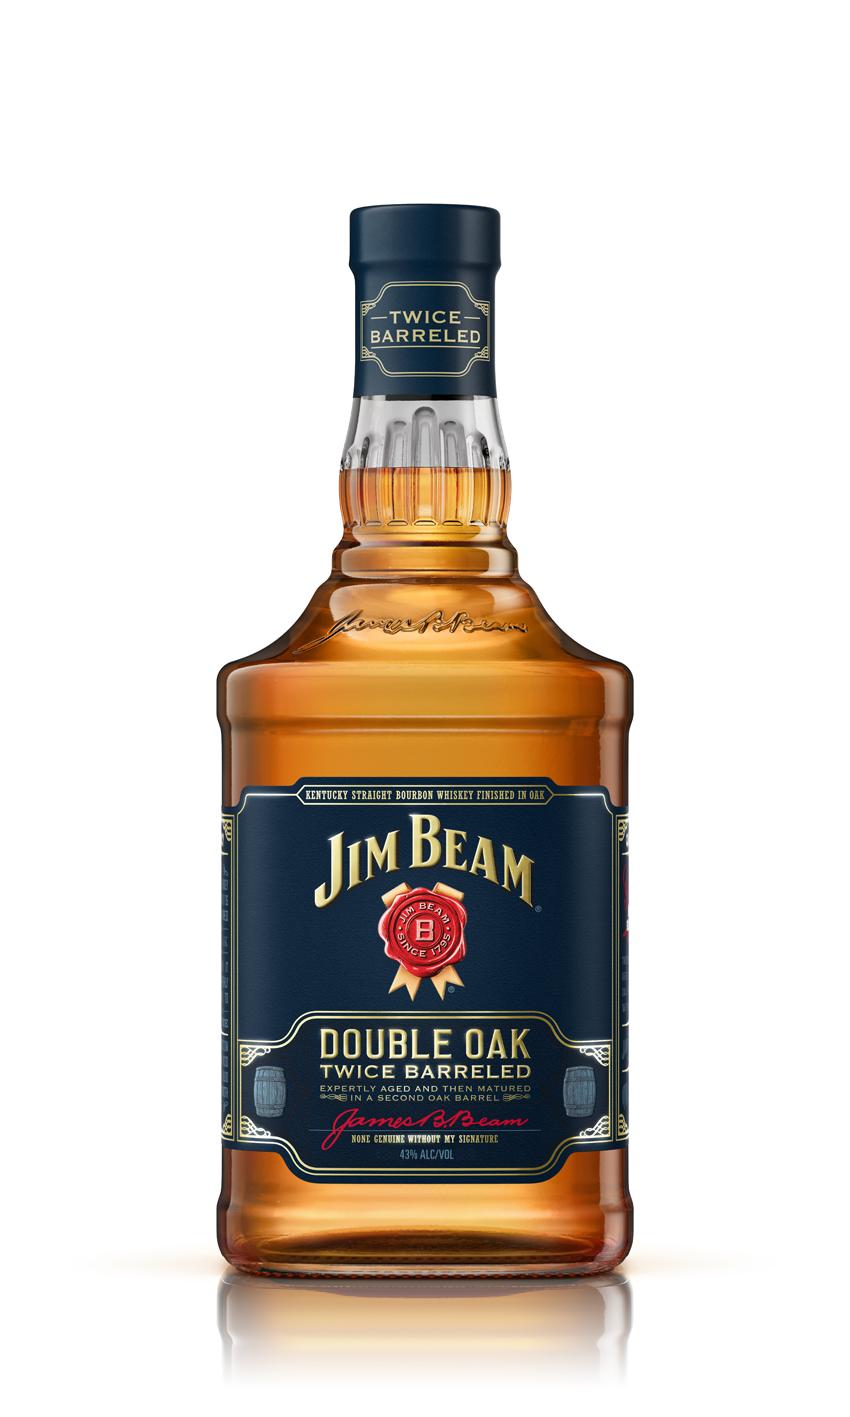 Nový Jim Beam Double Oak dorazí do Čech v průběhu května Nový Jim Beam Double Oak dorazí do Čech v průběhu května